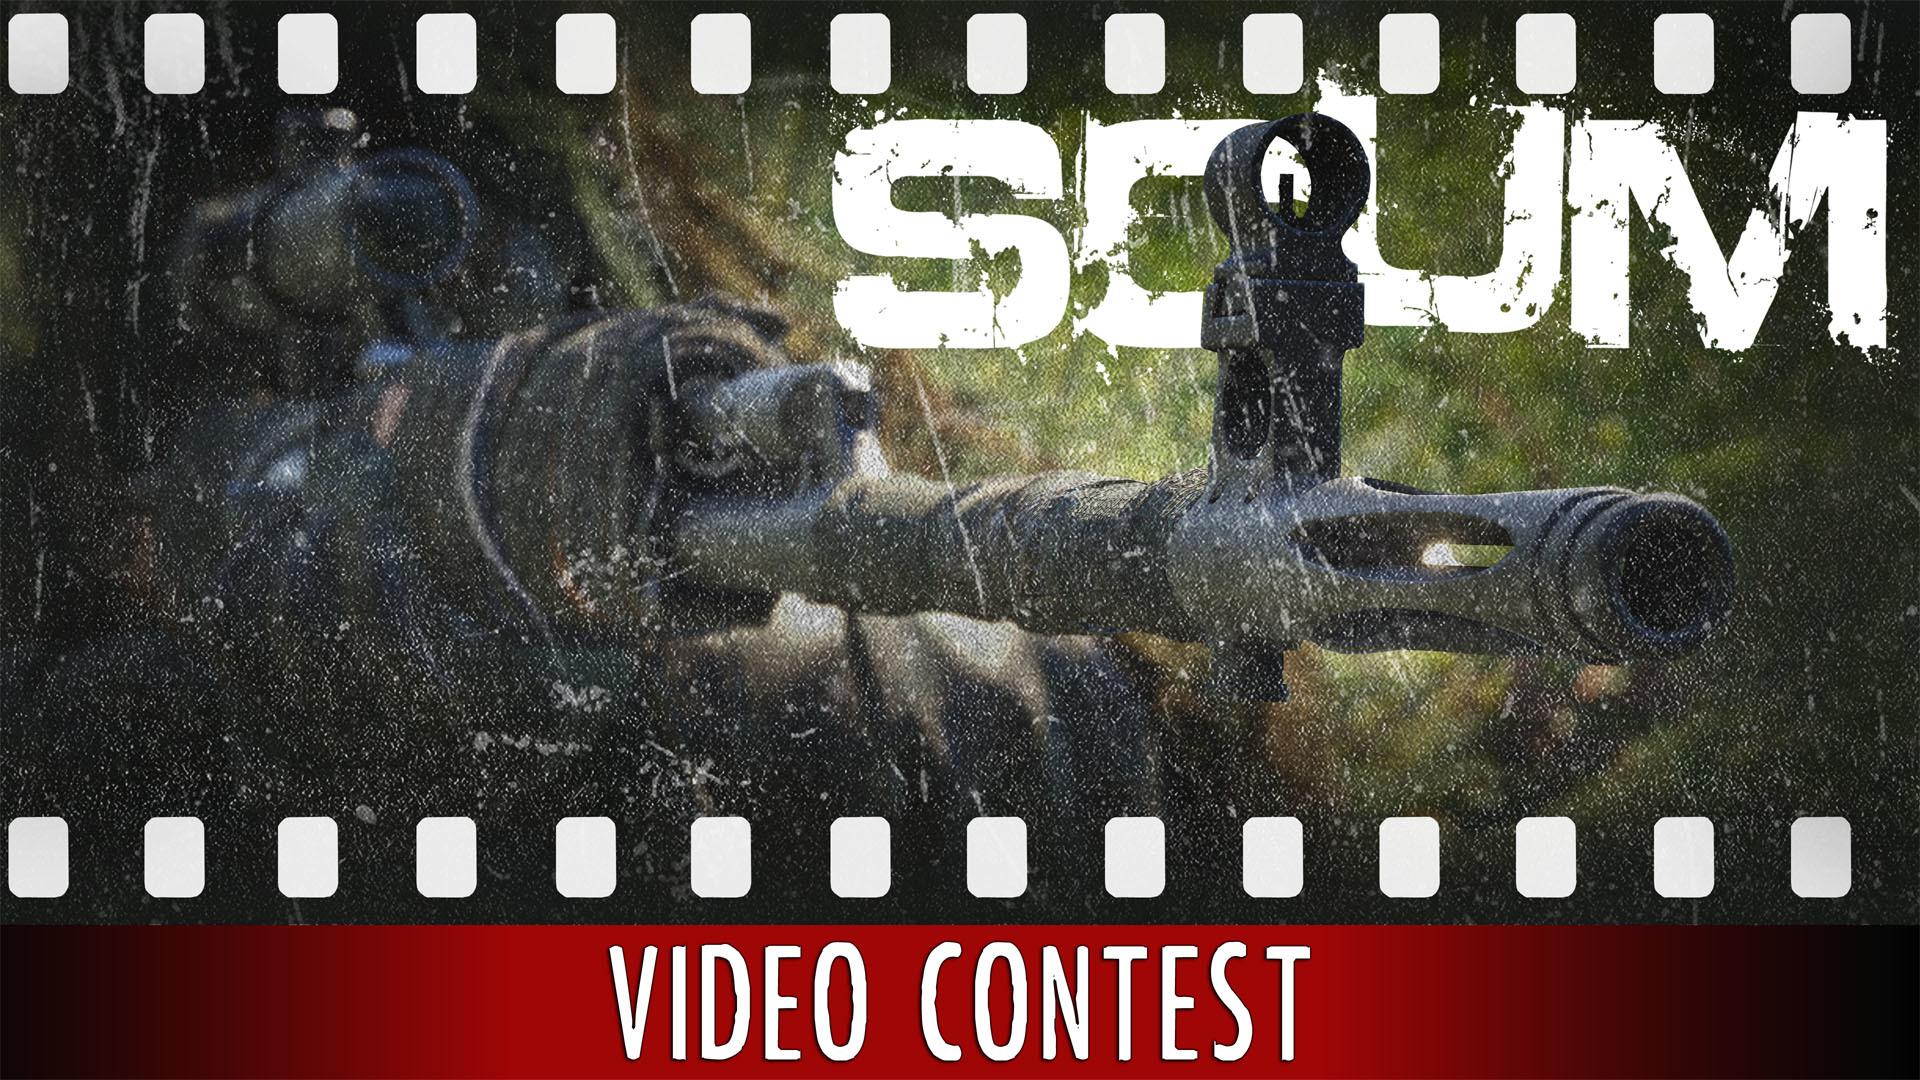 SCUM Video Contest